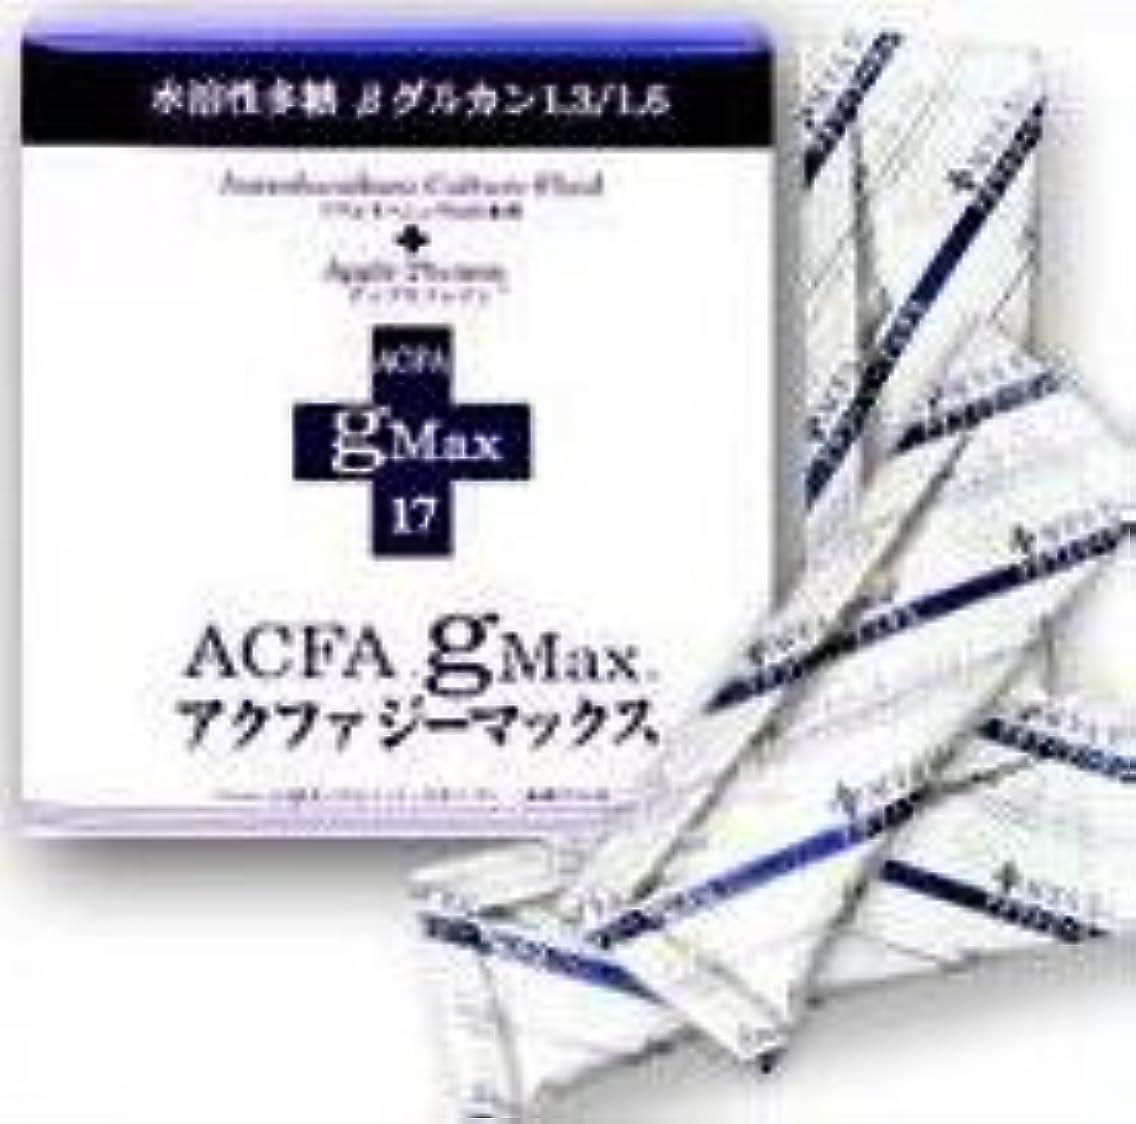 ええマッサージスマッシュ?β1,3/1,6グルガンを含んだ黒酵母エキス? アクファジーマックス 17g×30包